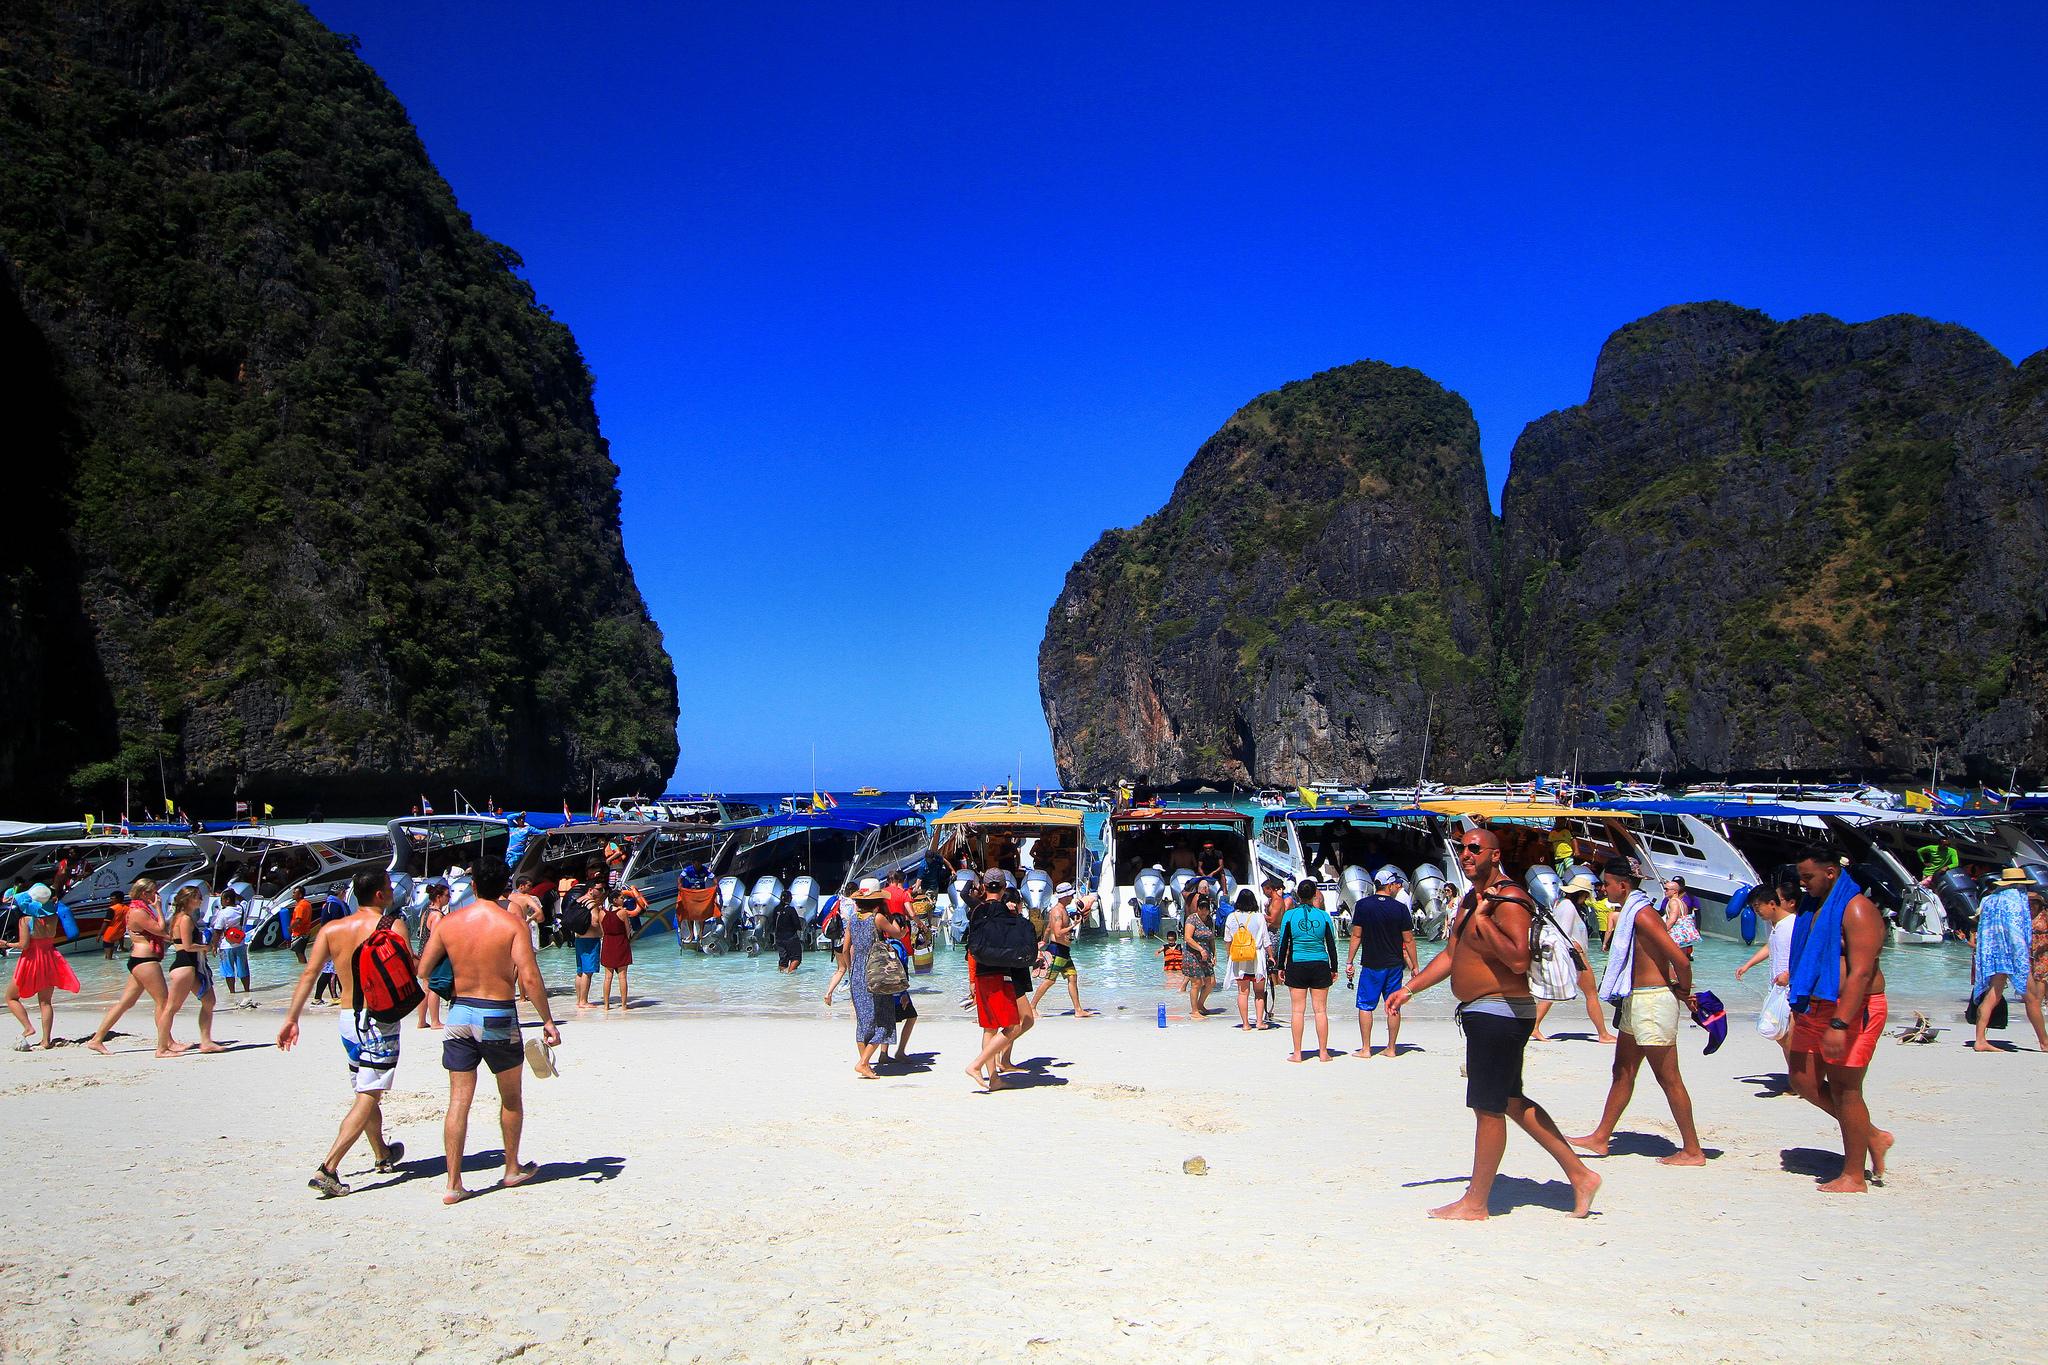 Alors qu'un ralentissement des arrivées de touristes se profile, la Thaïlande veut prendre de nouvelles mesures pour stimuler le secteur